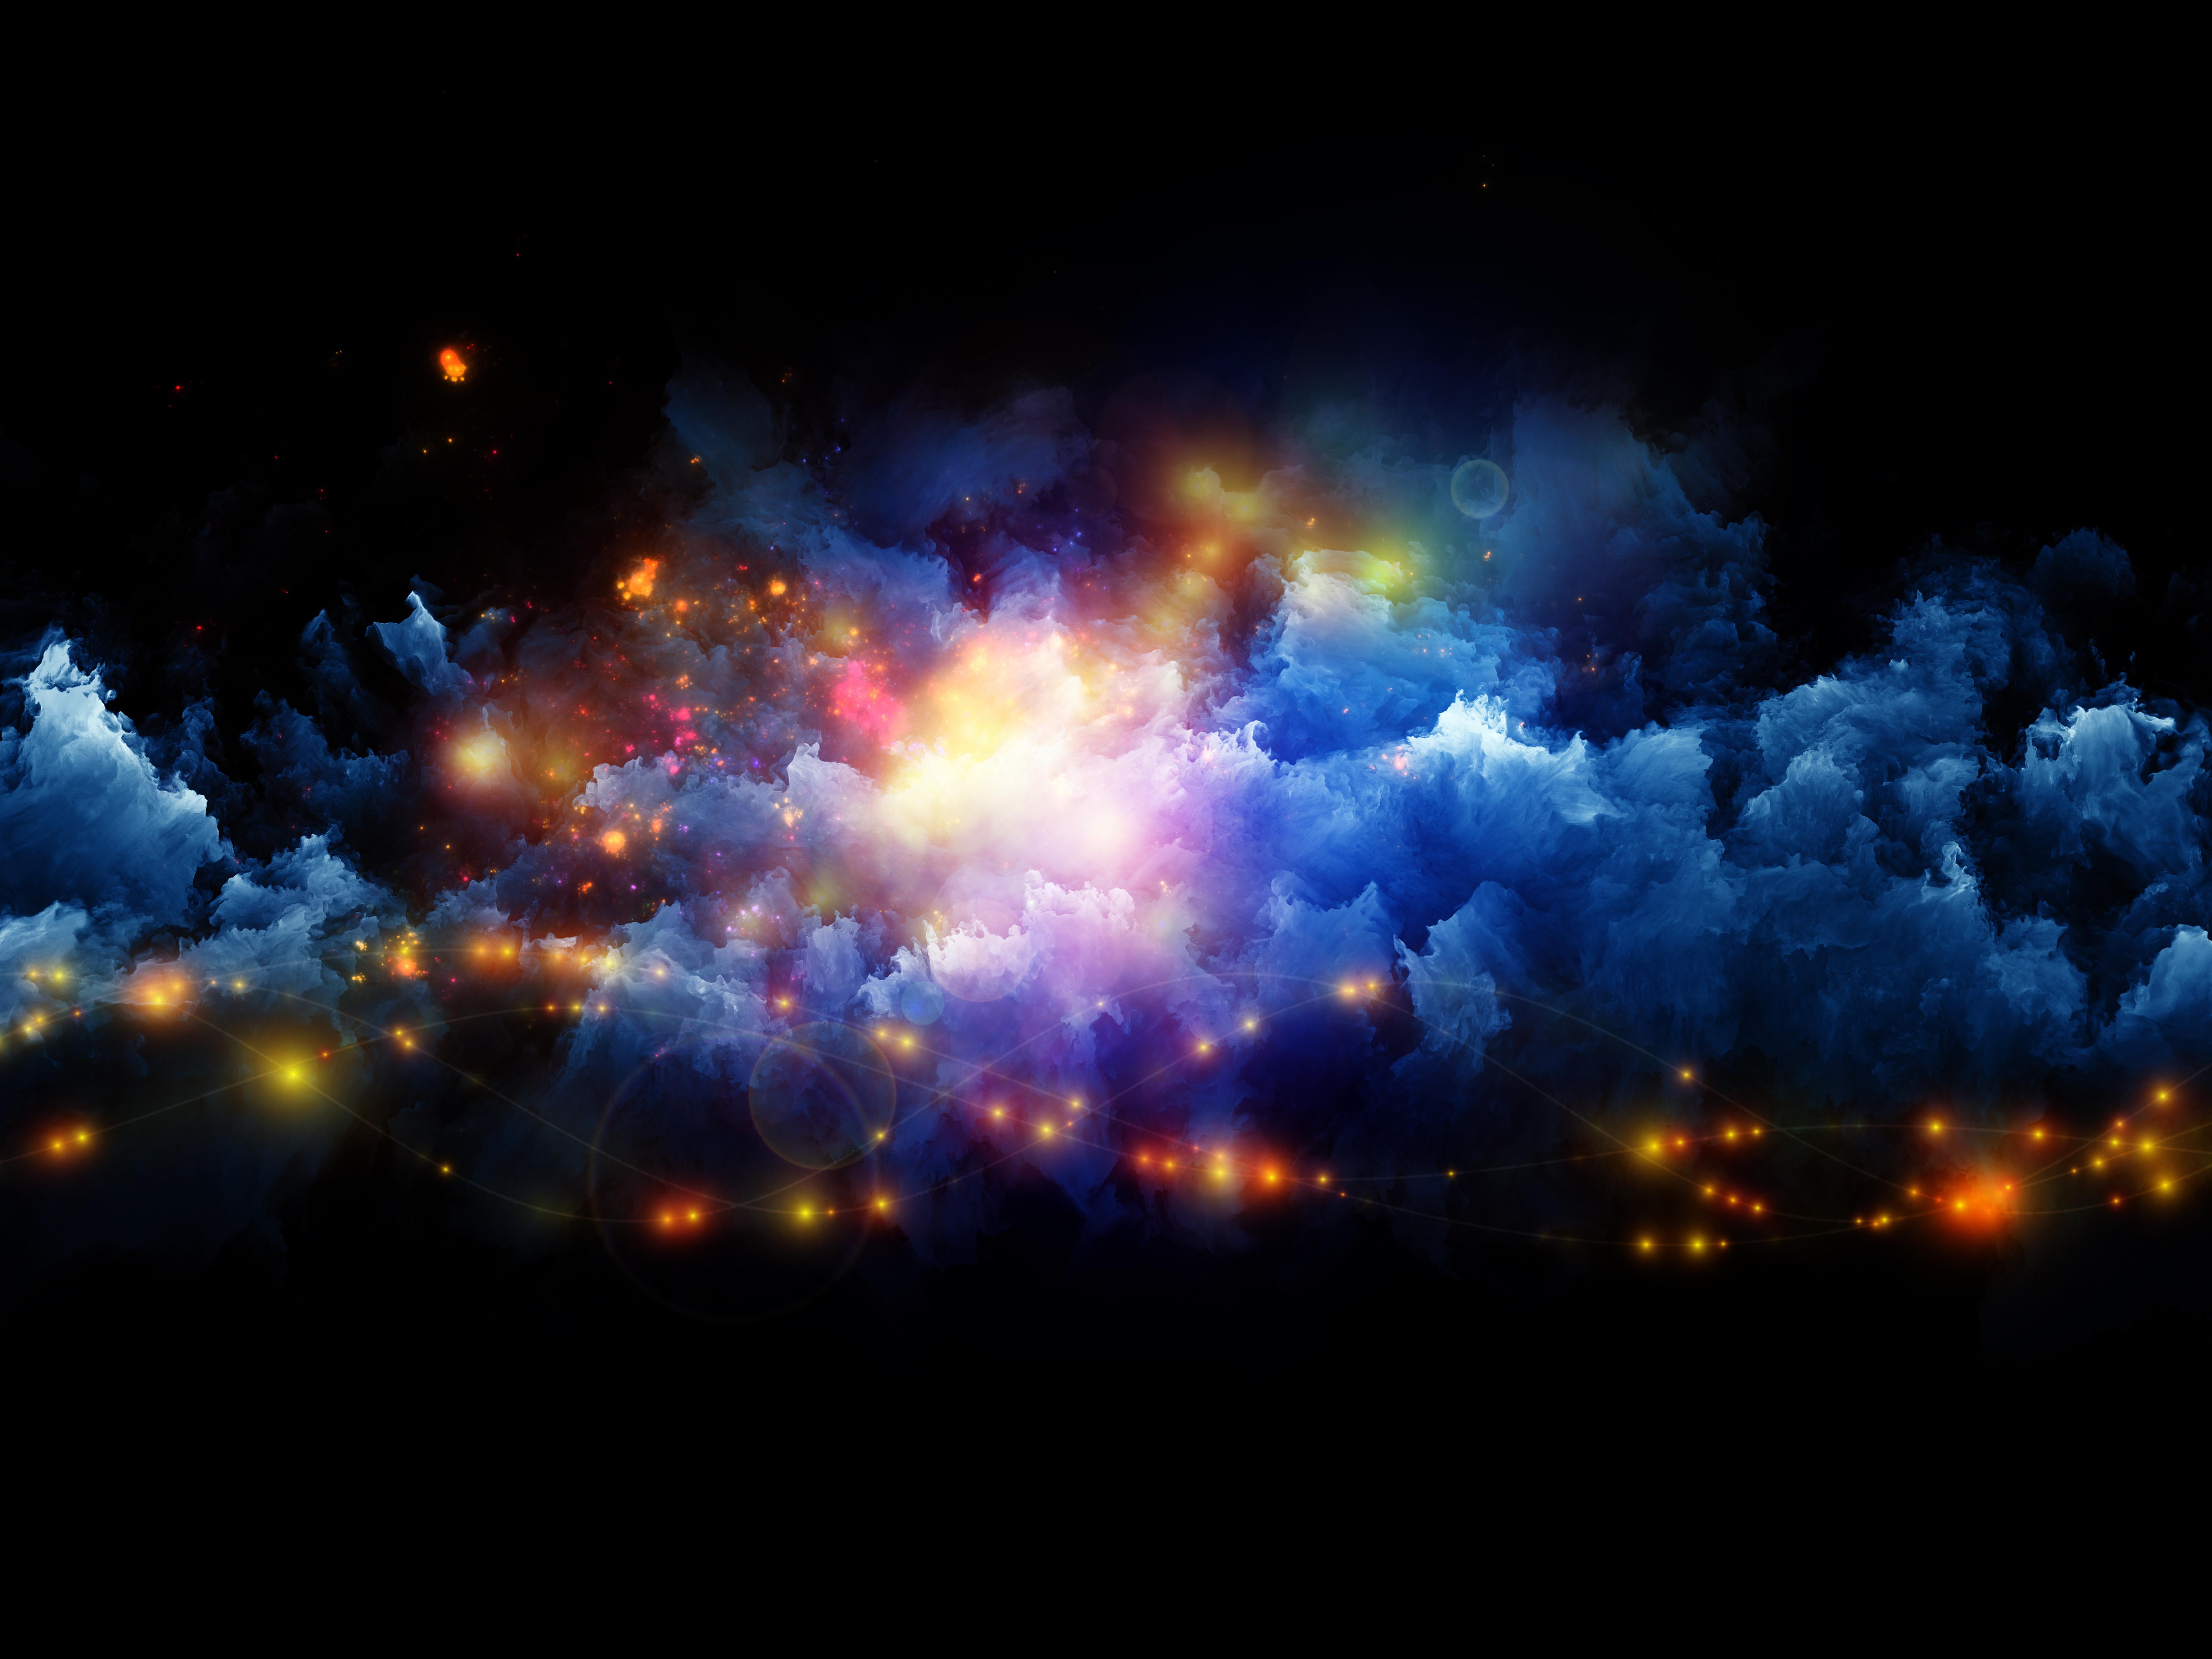 разноцветный эффект для фото космонавта выбирали